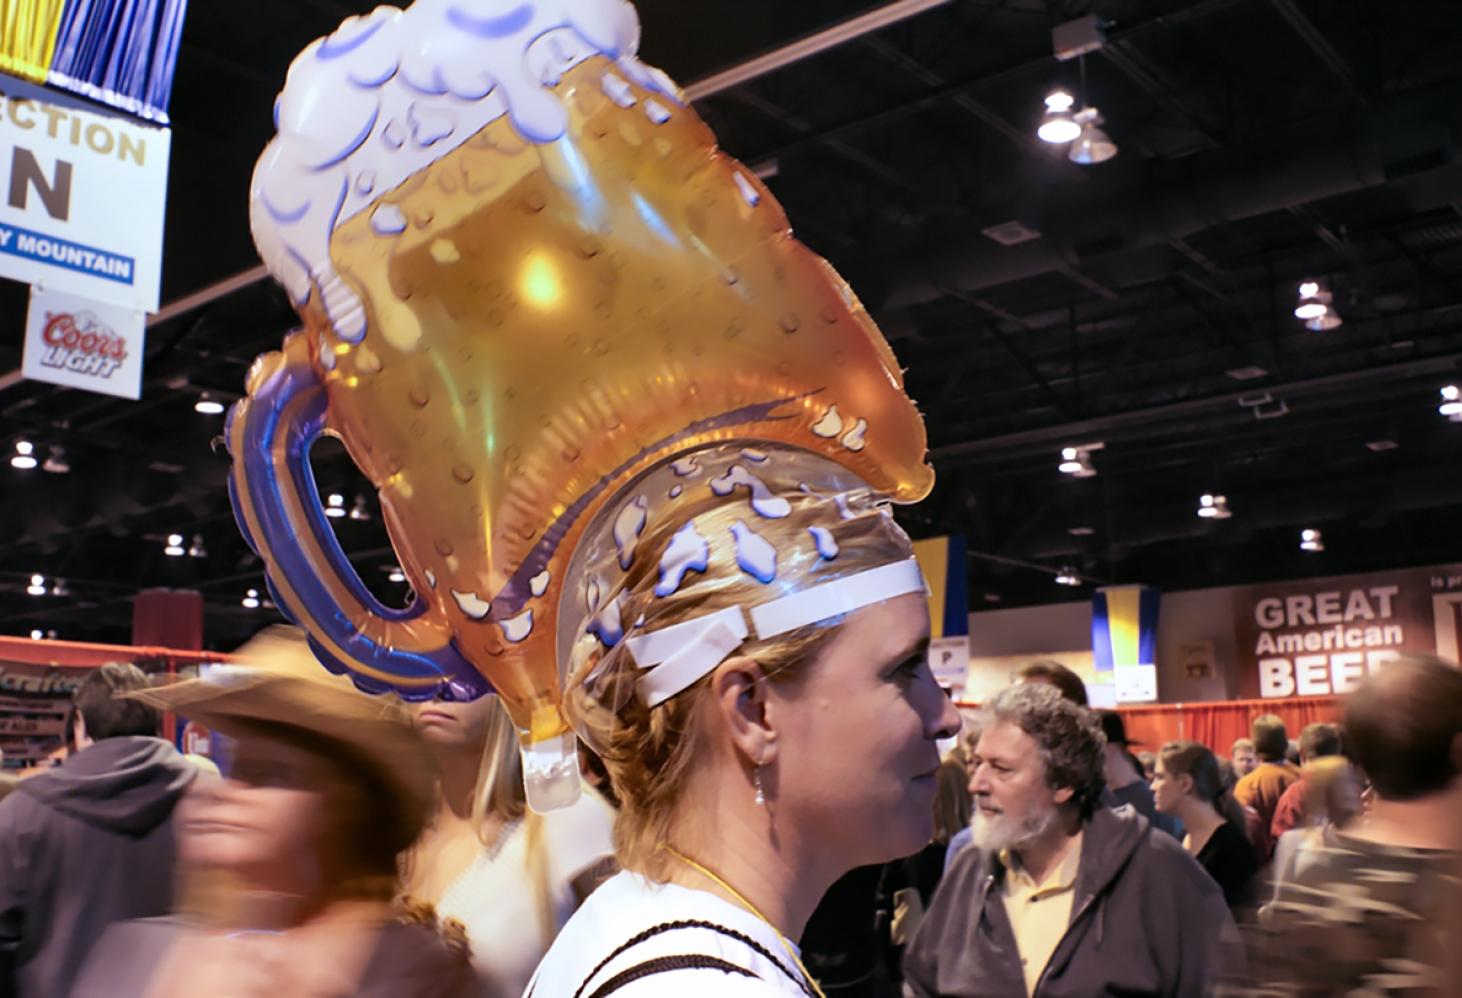 Великий американский фестиваль пива, Денвер